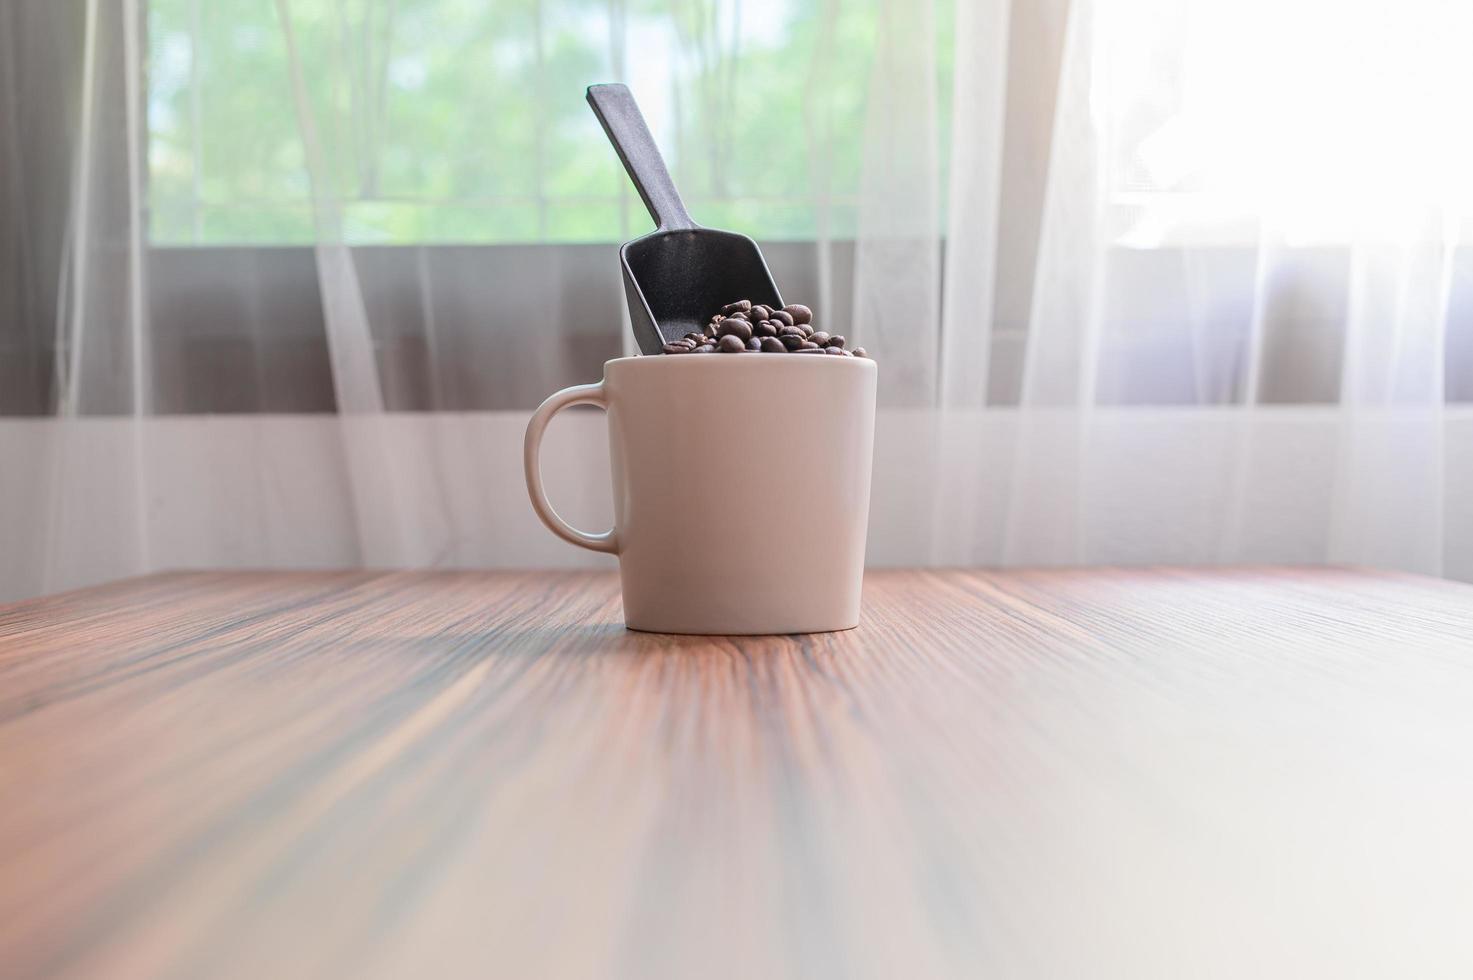 koffiemokken en koffiebonen om energie te stimuleren foto